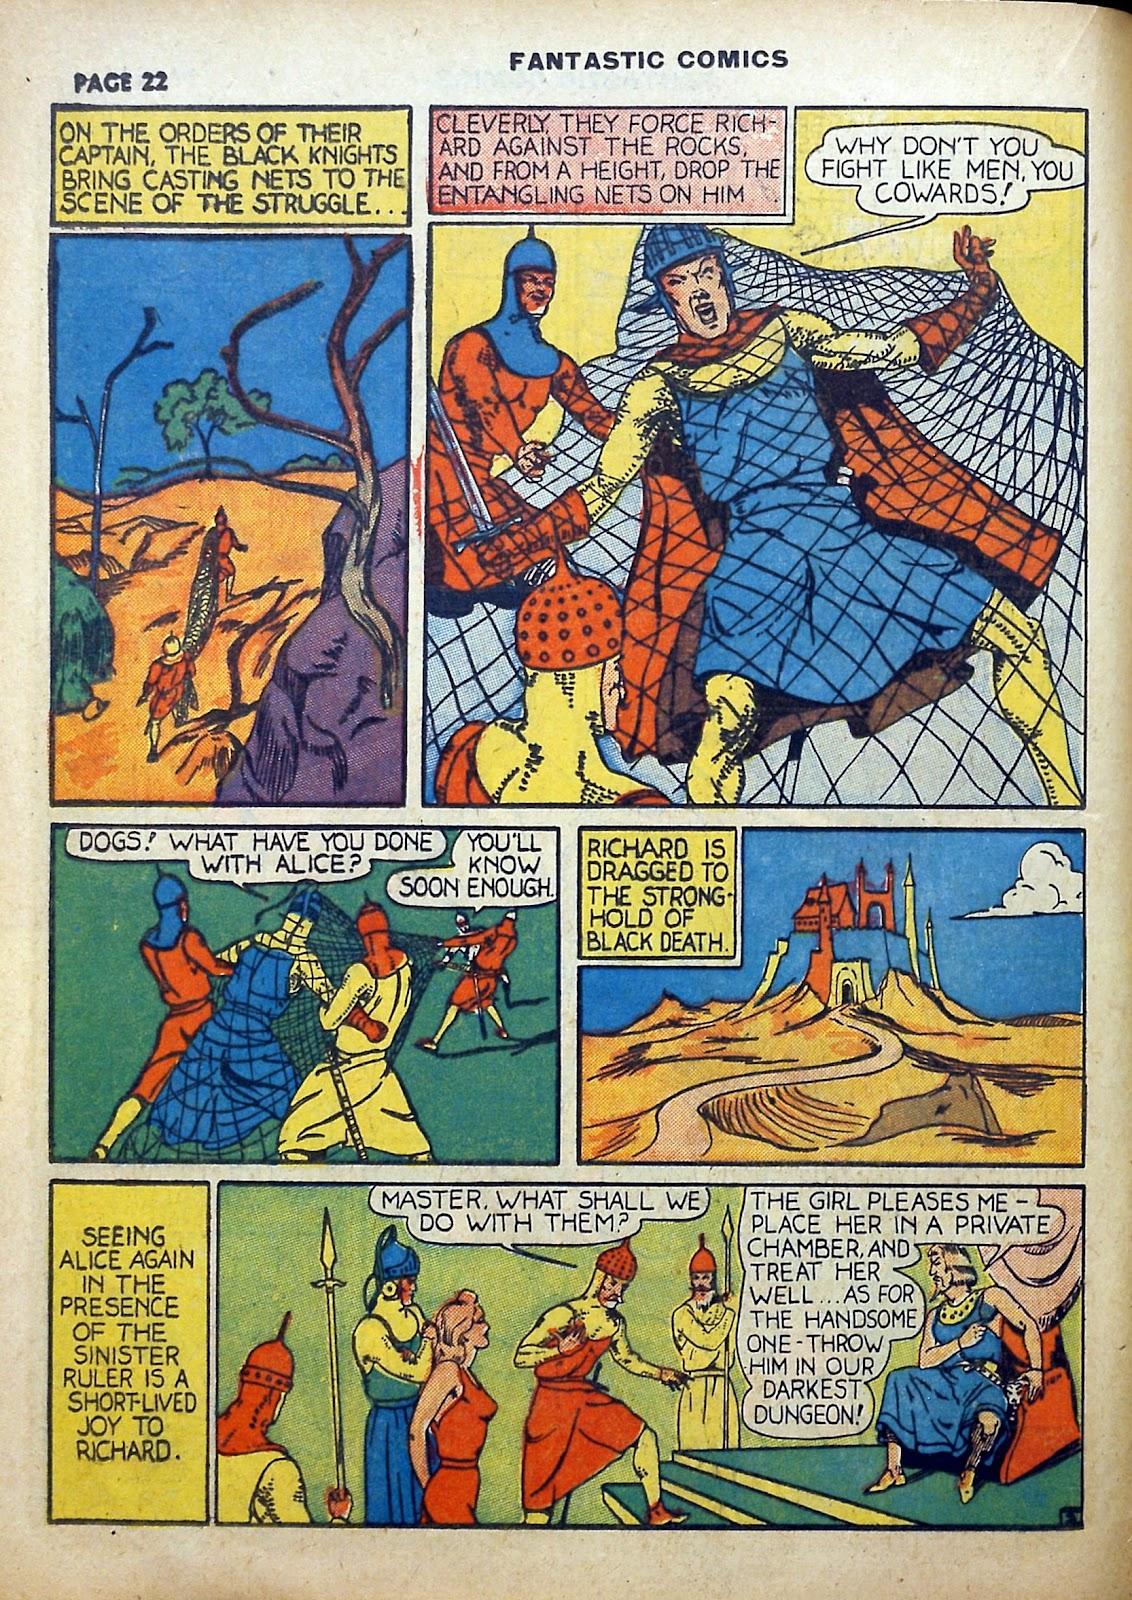 Read online Fantastic Comics comic -  Issue #5 - 23